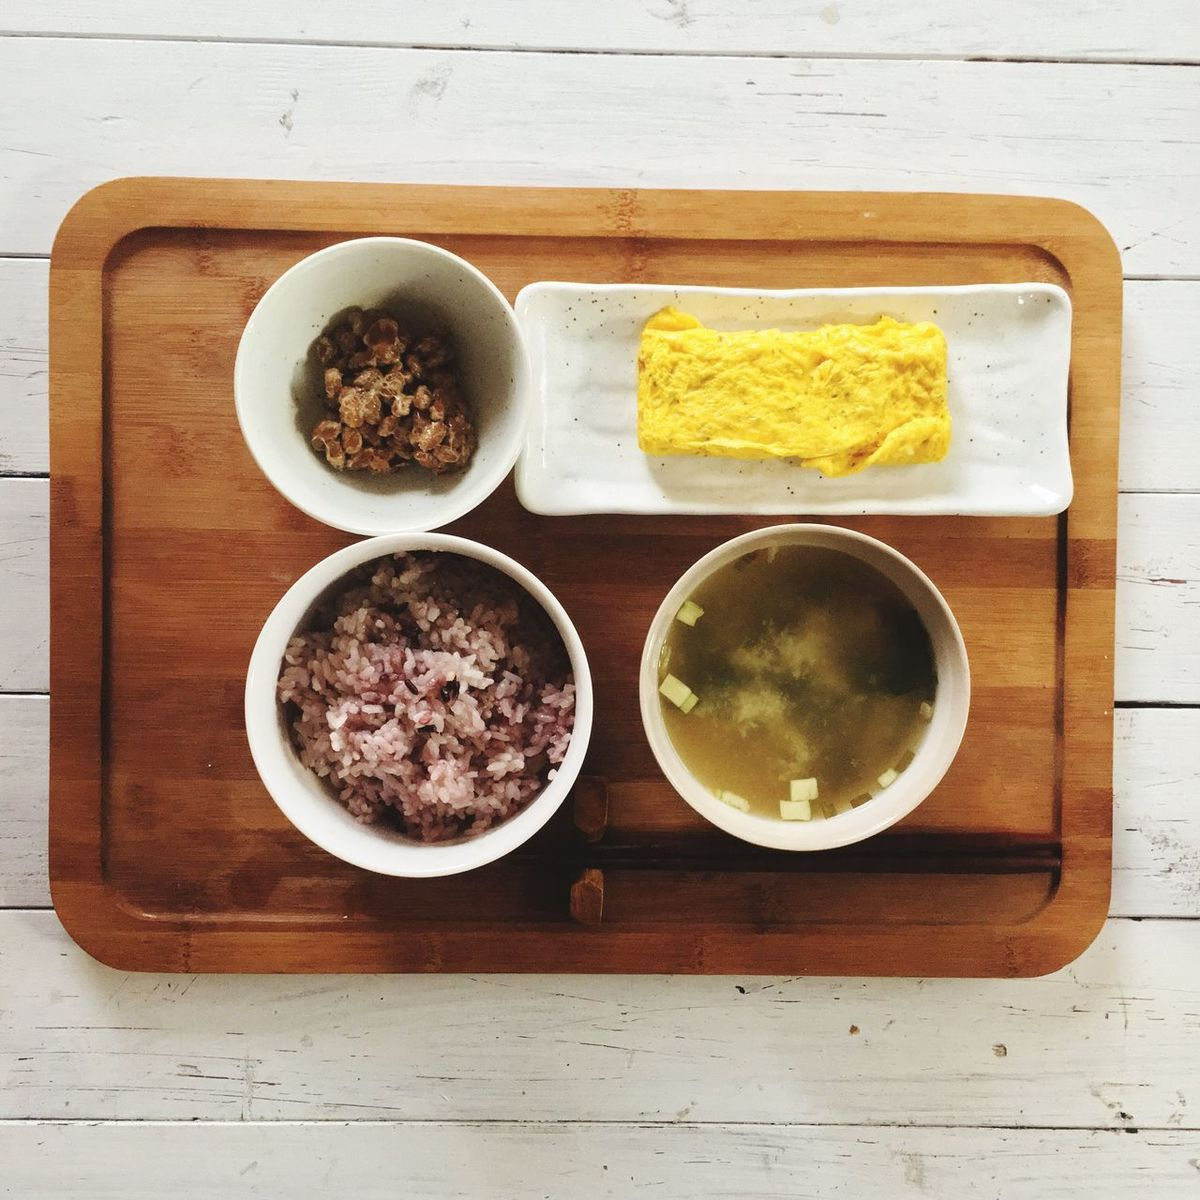 朝ごはん パパめし 納豆 たまご焼き Onthetable Breakfast